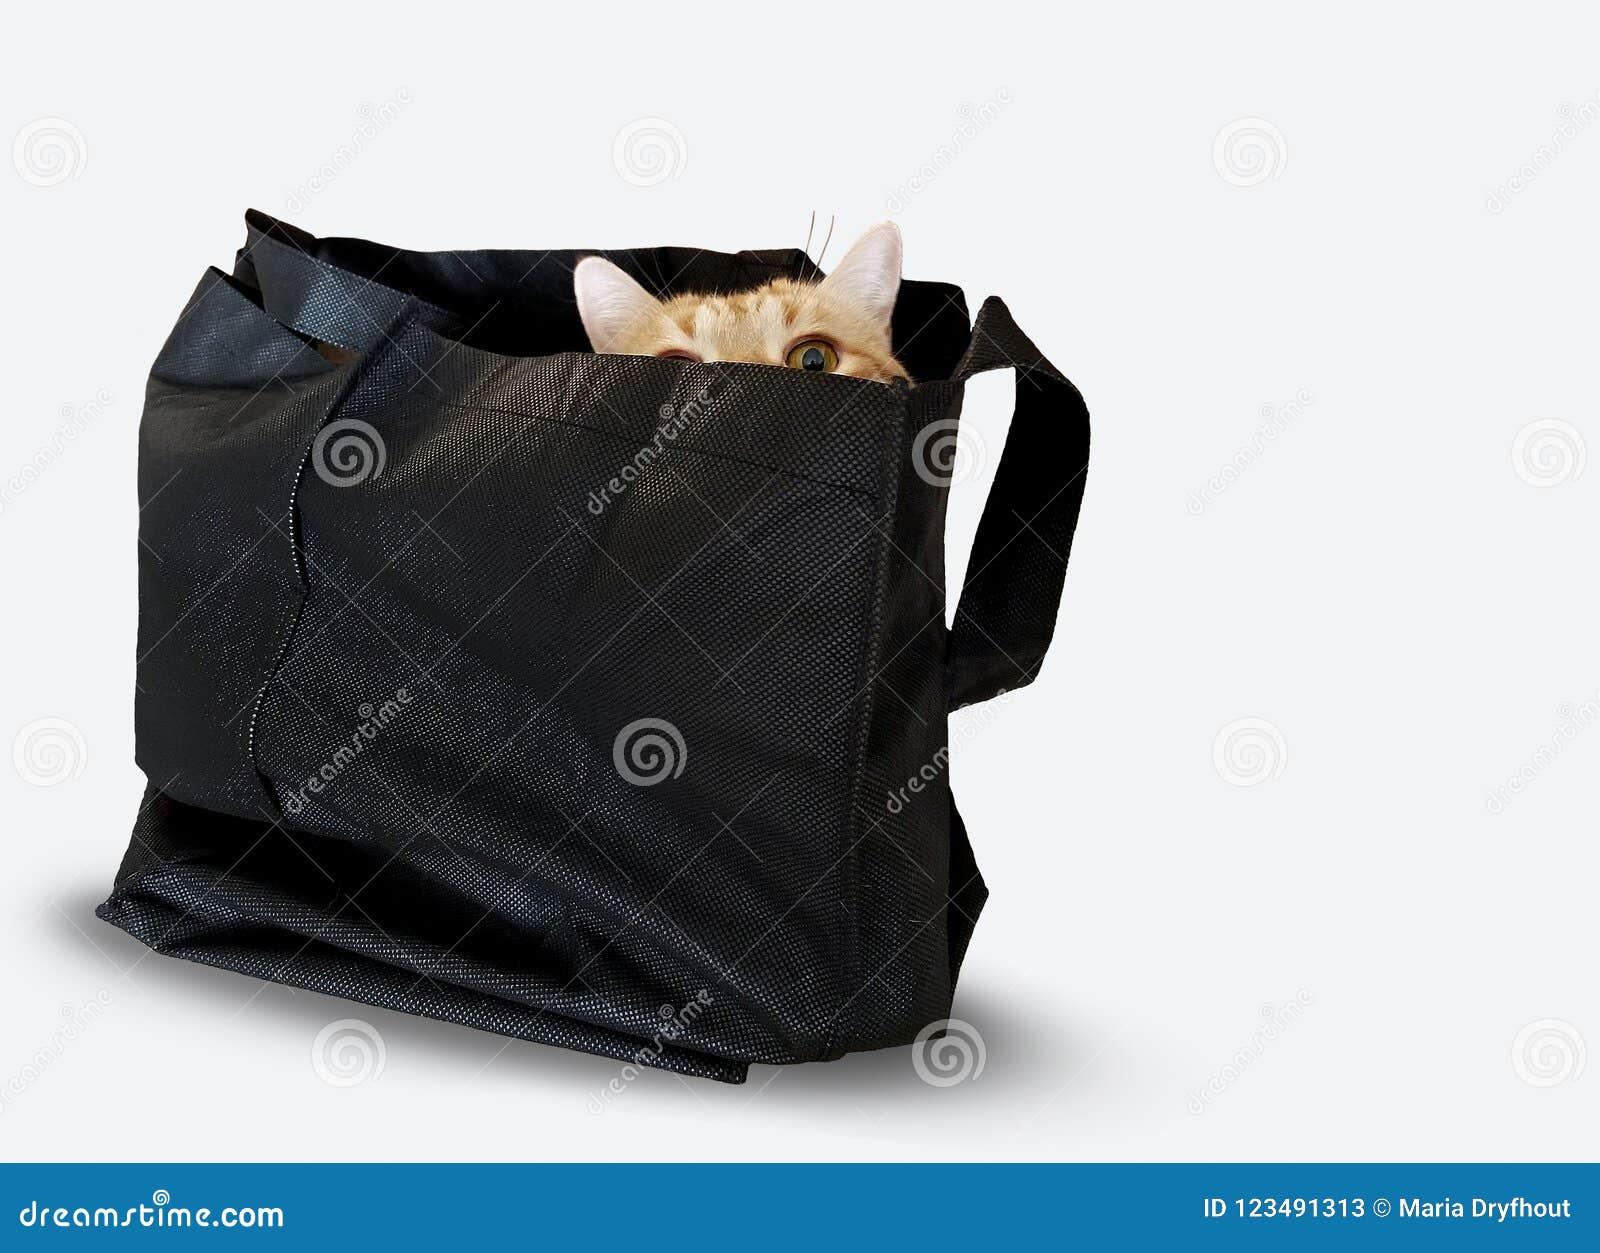 Gestreepte katkat in zwarte zak op wit